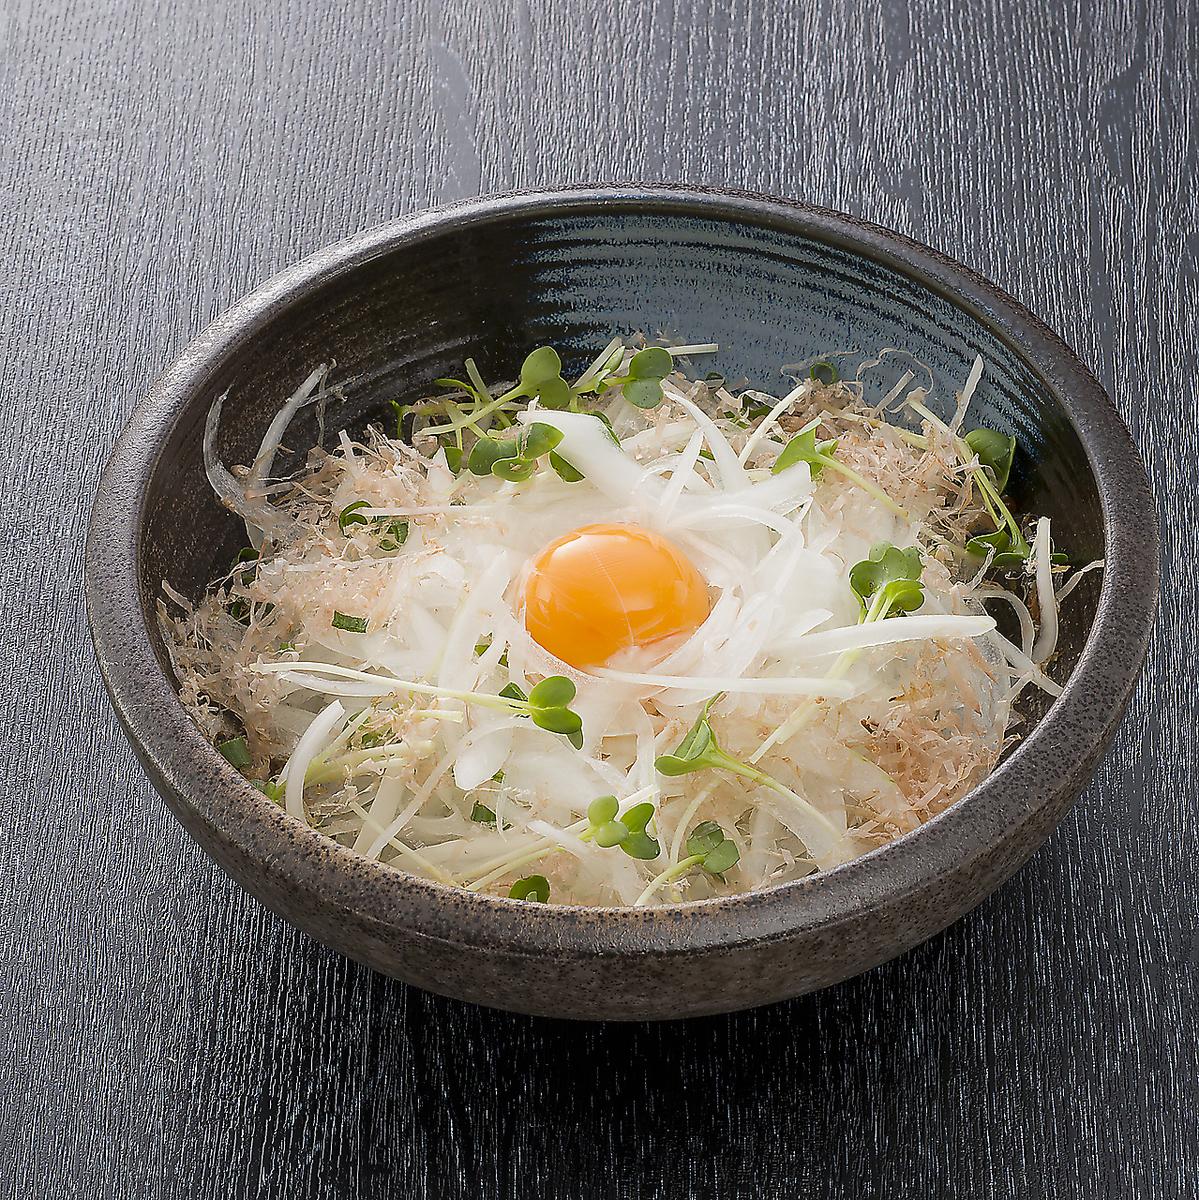 洋蔥切片與滋補雞蛋